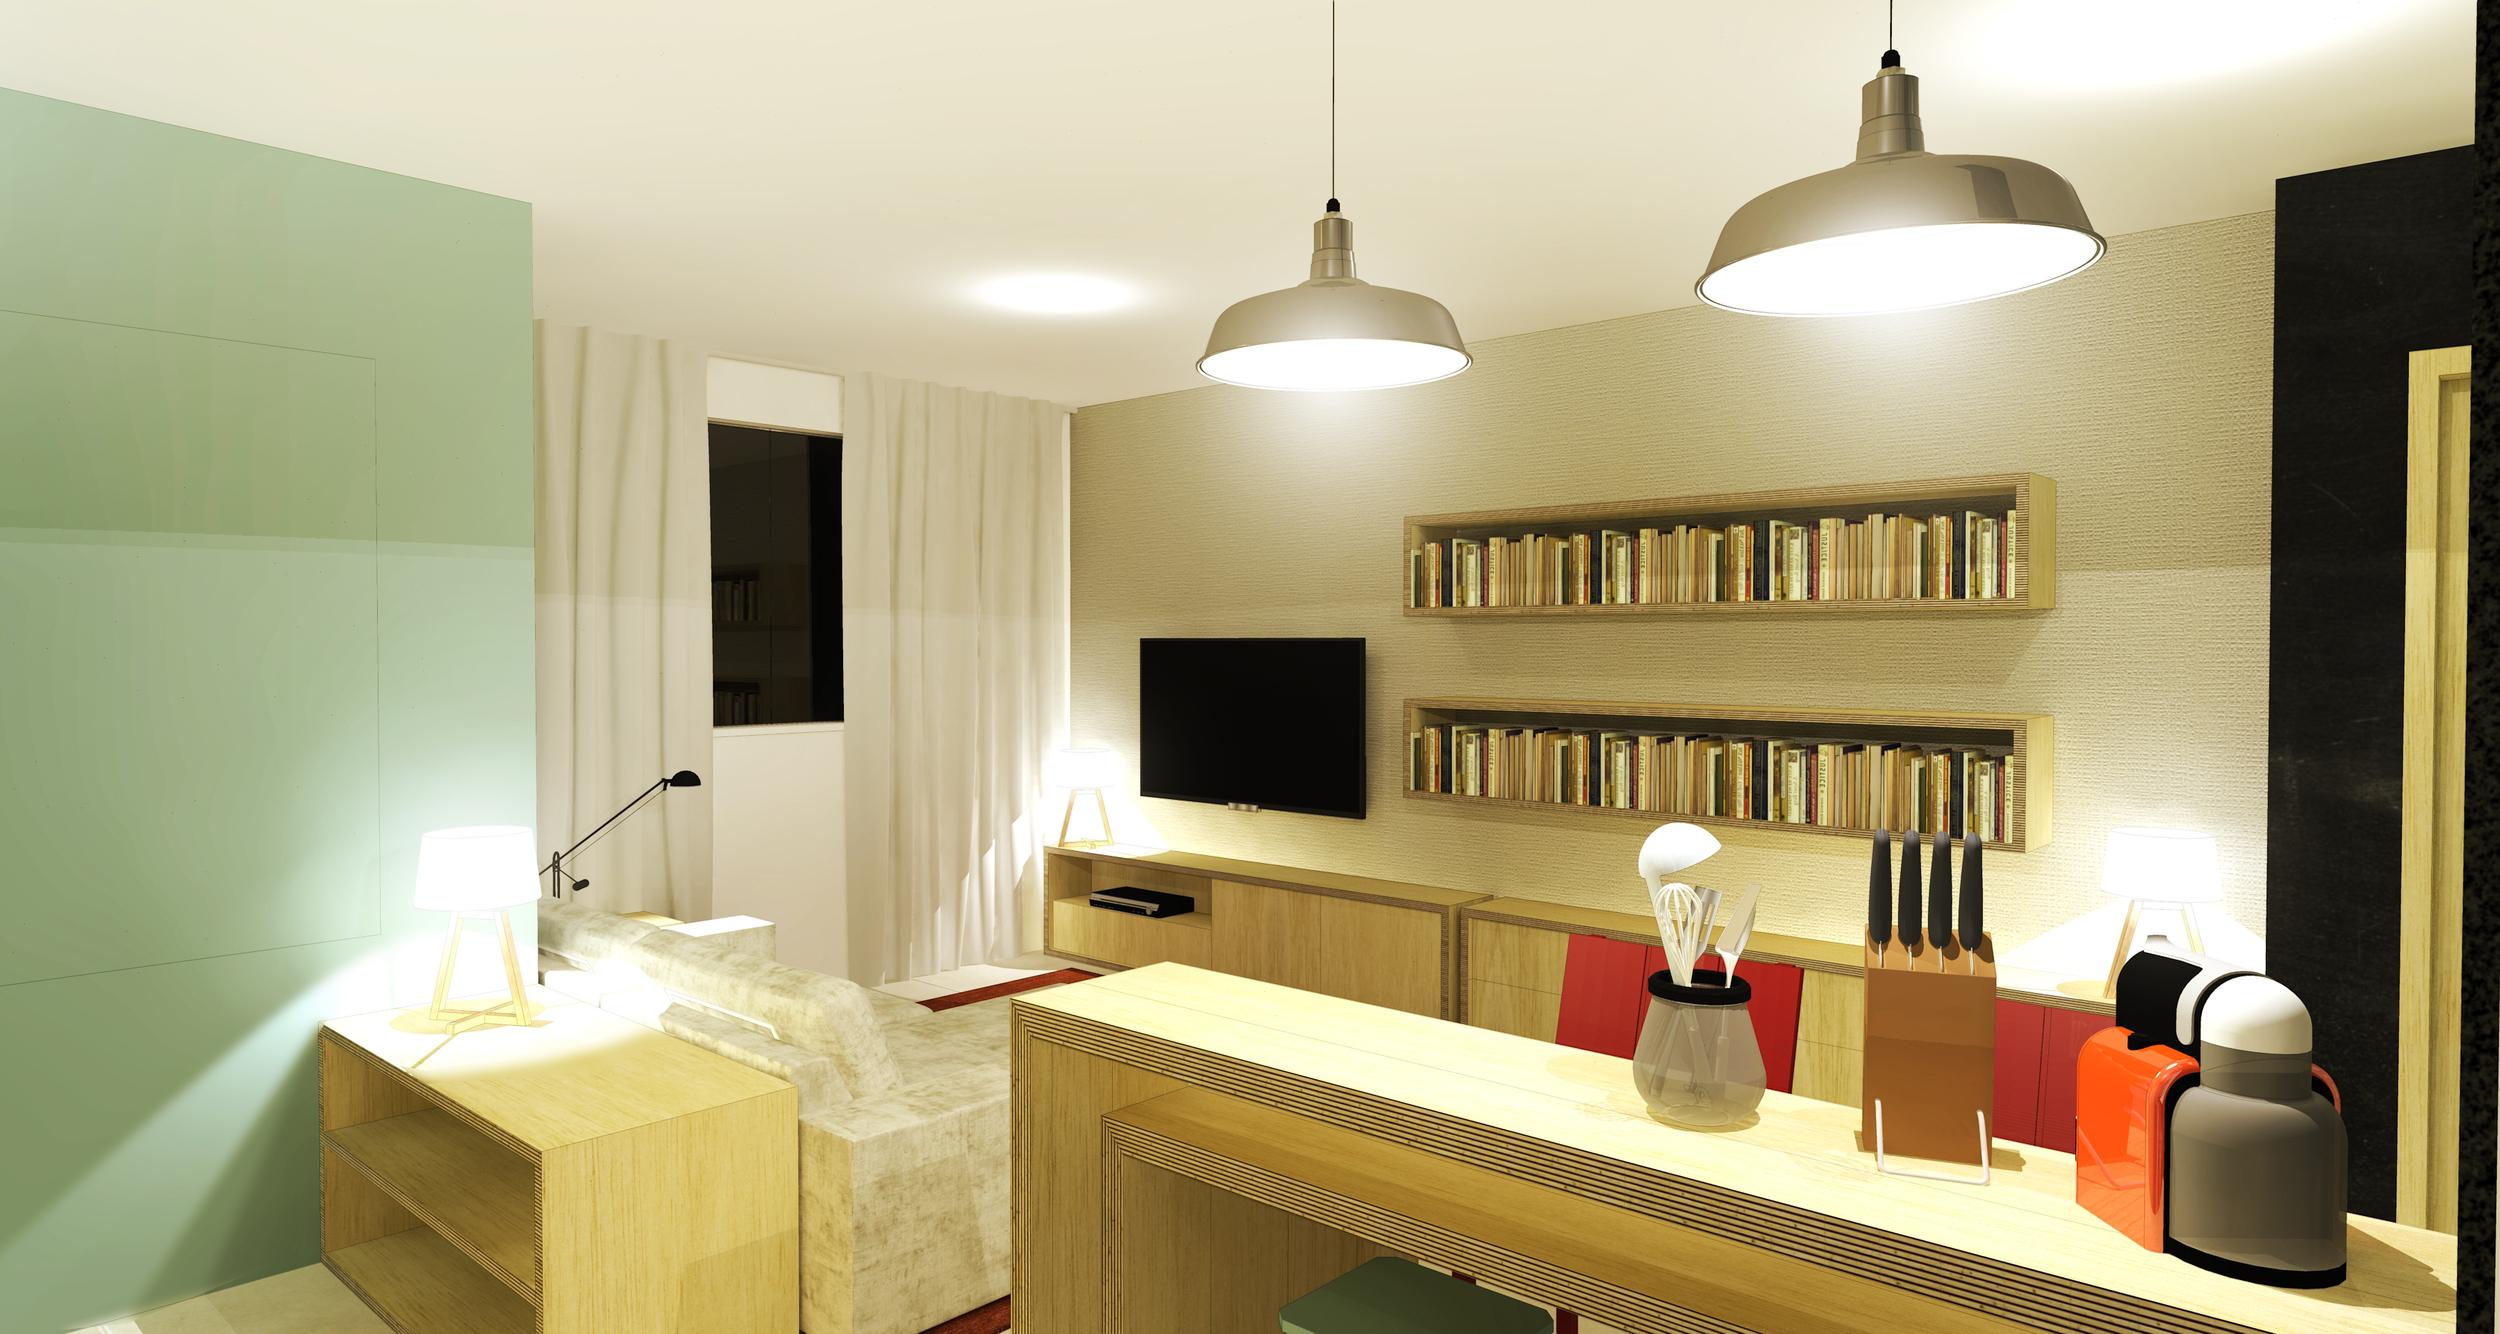 TG_EP_Apartamento_img03_R01.jpg